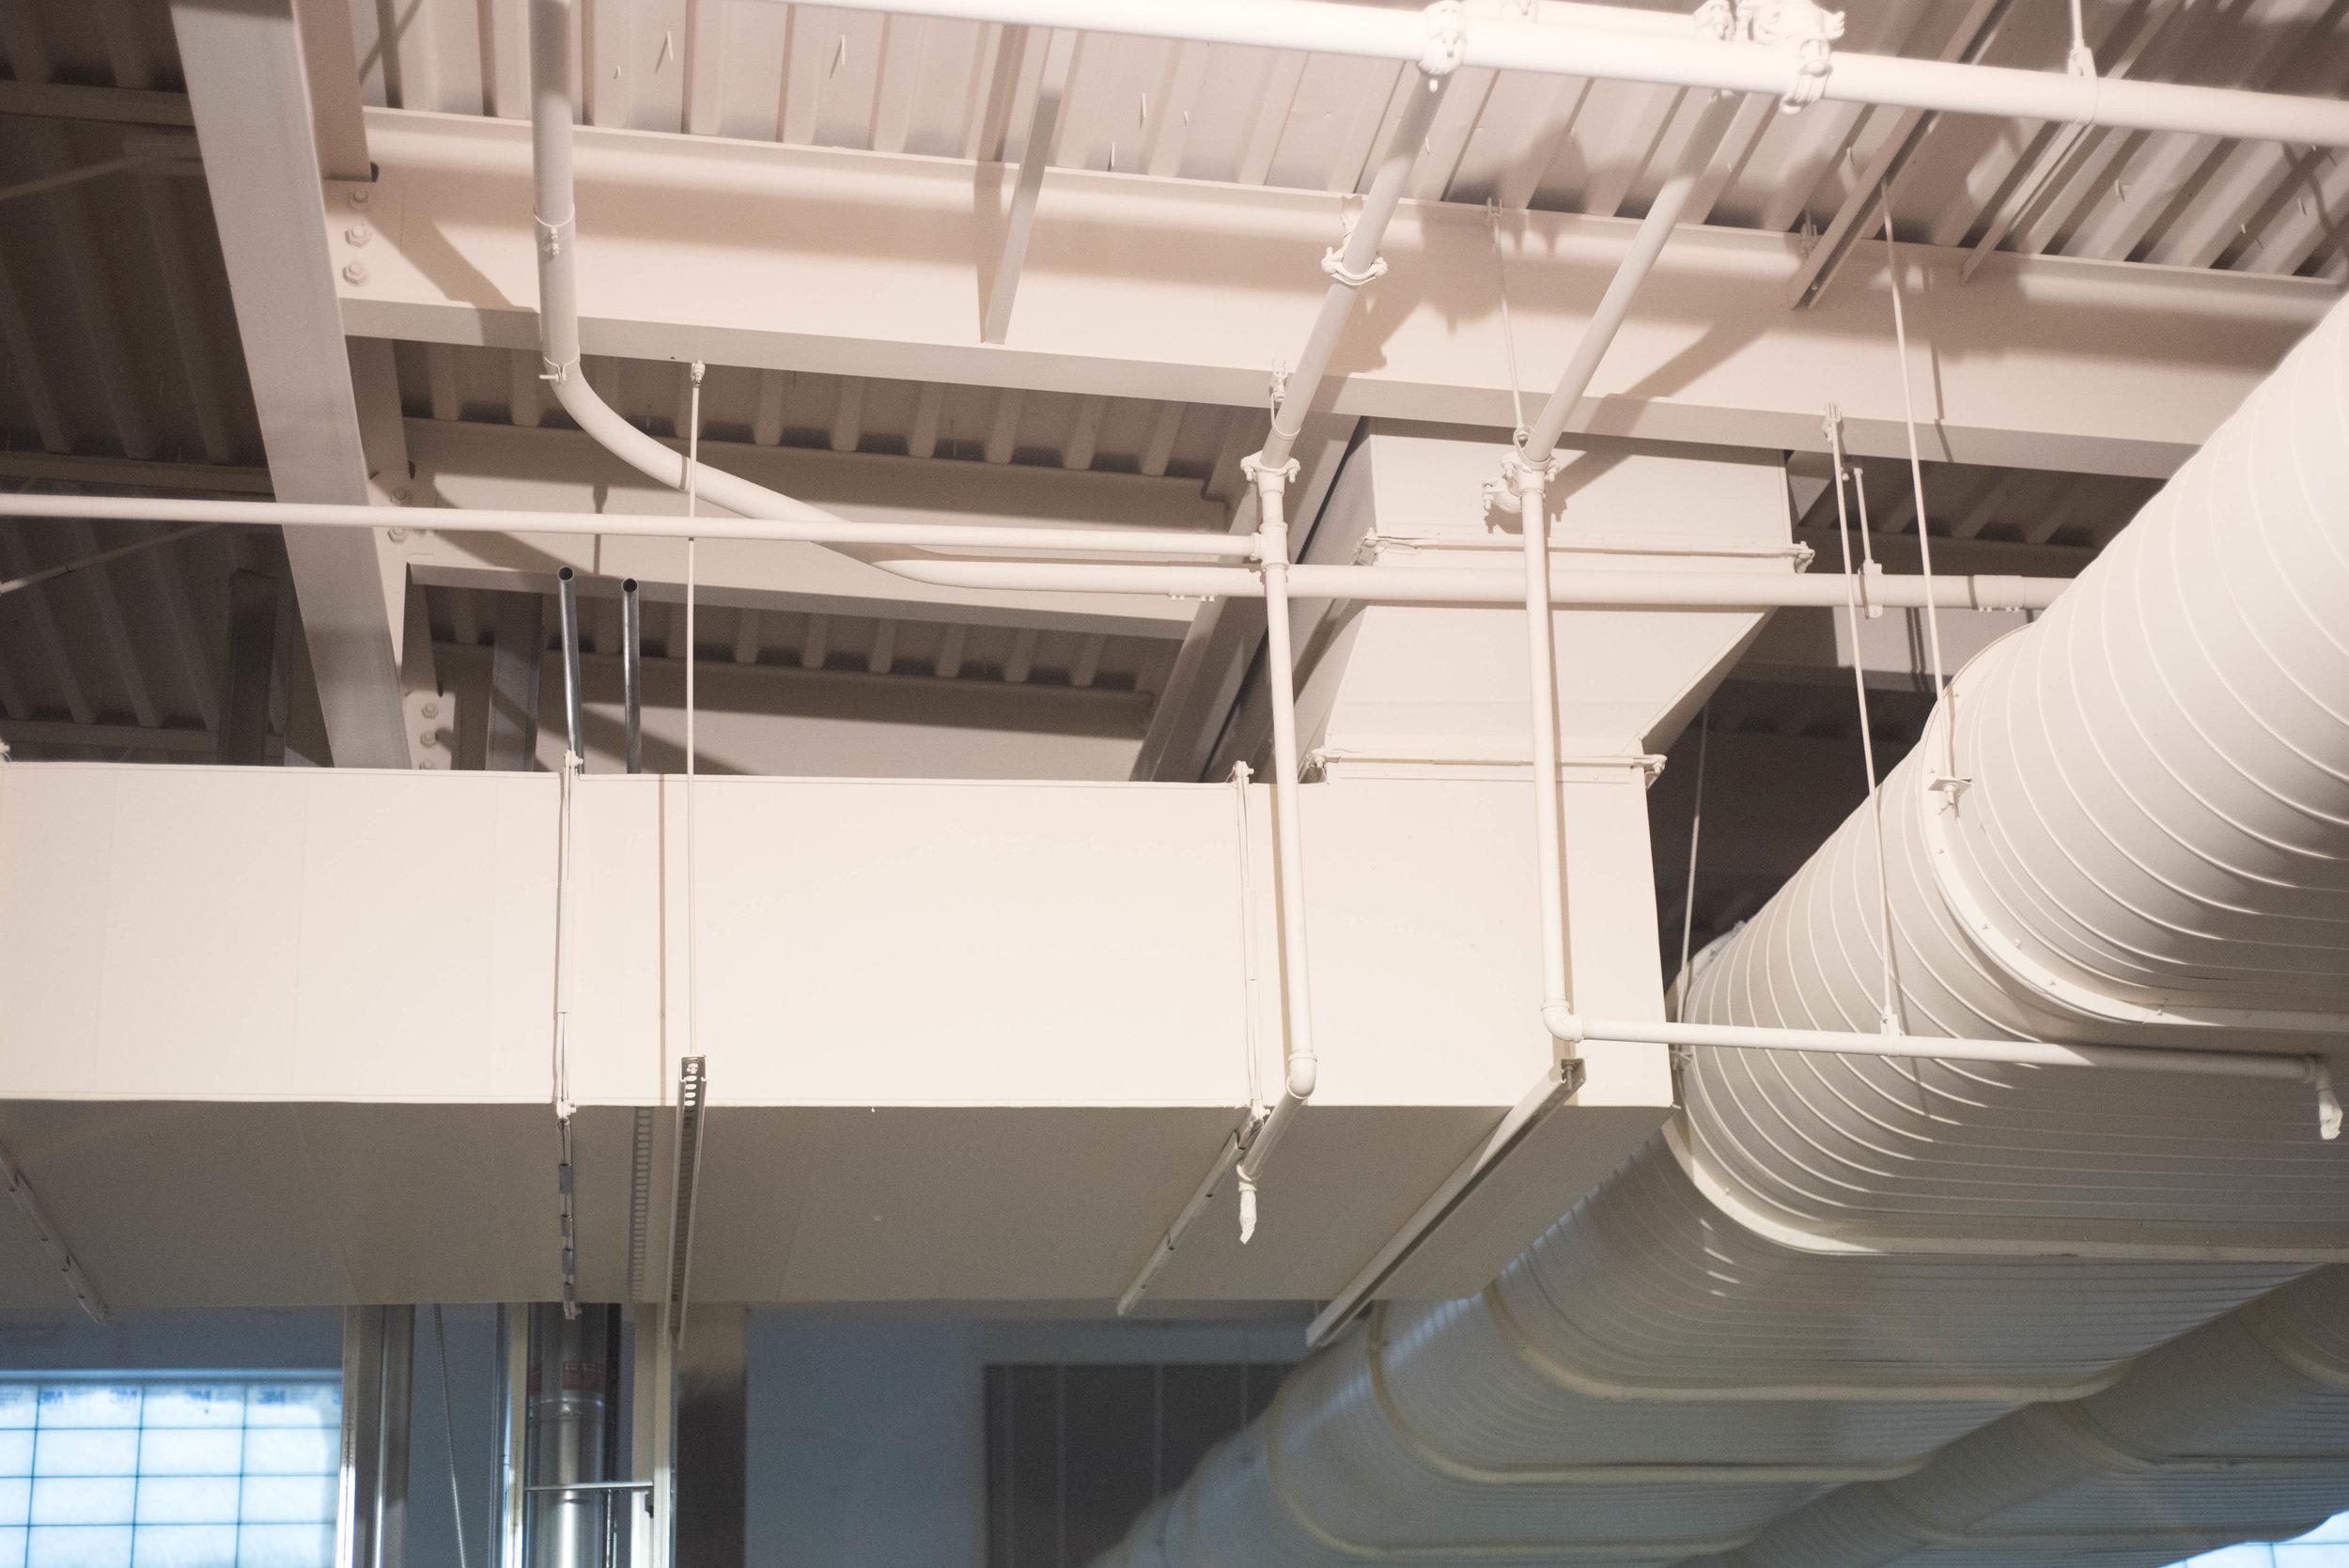 Industrial HVAC-15.jpg